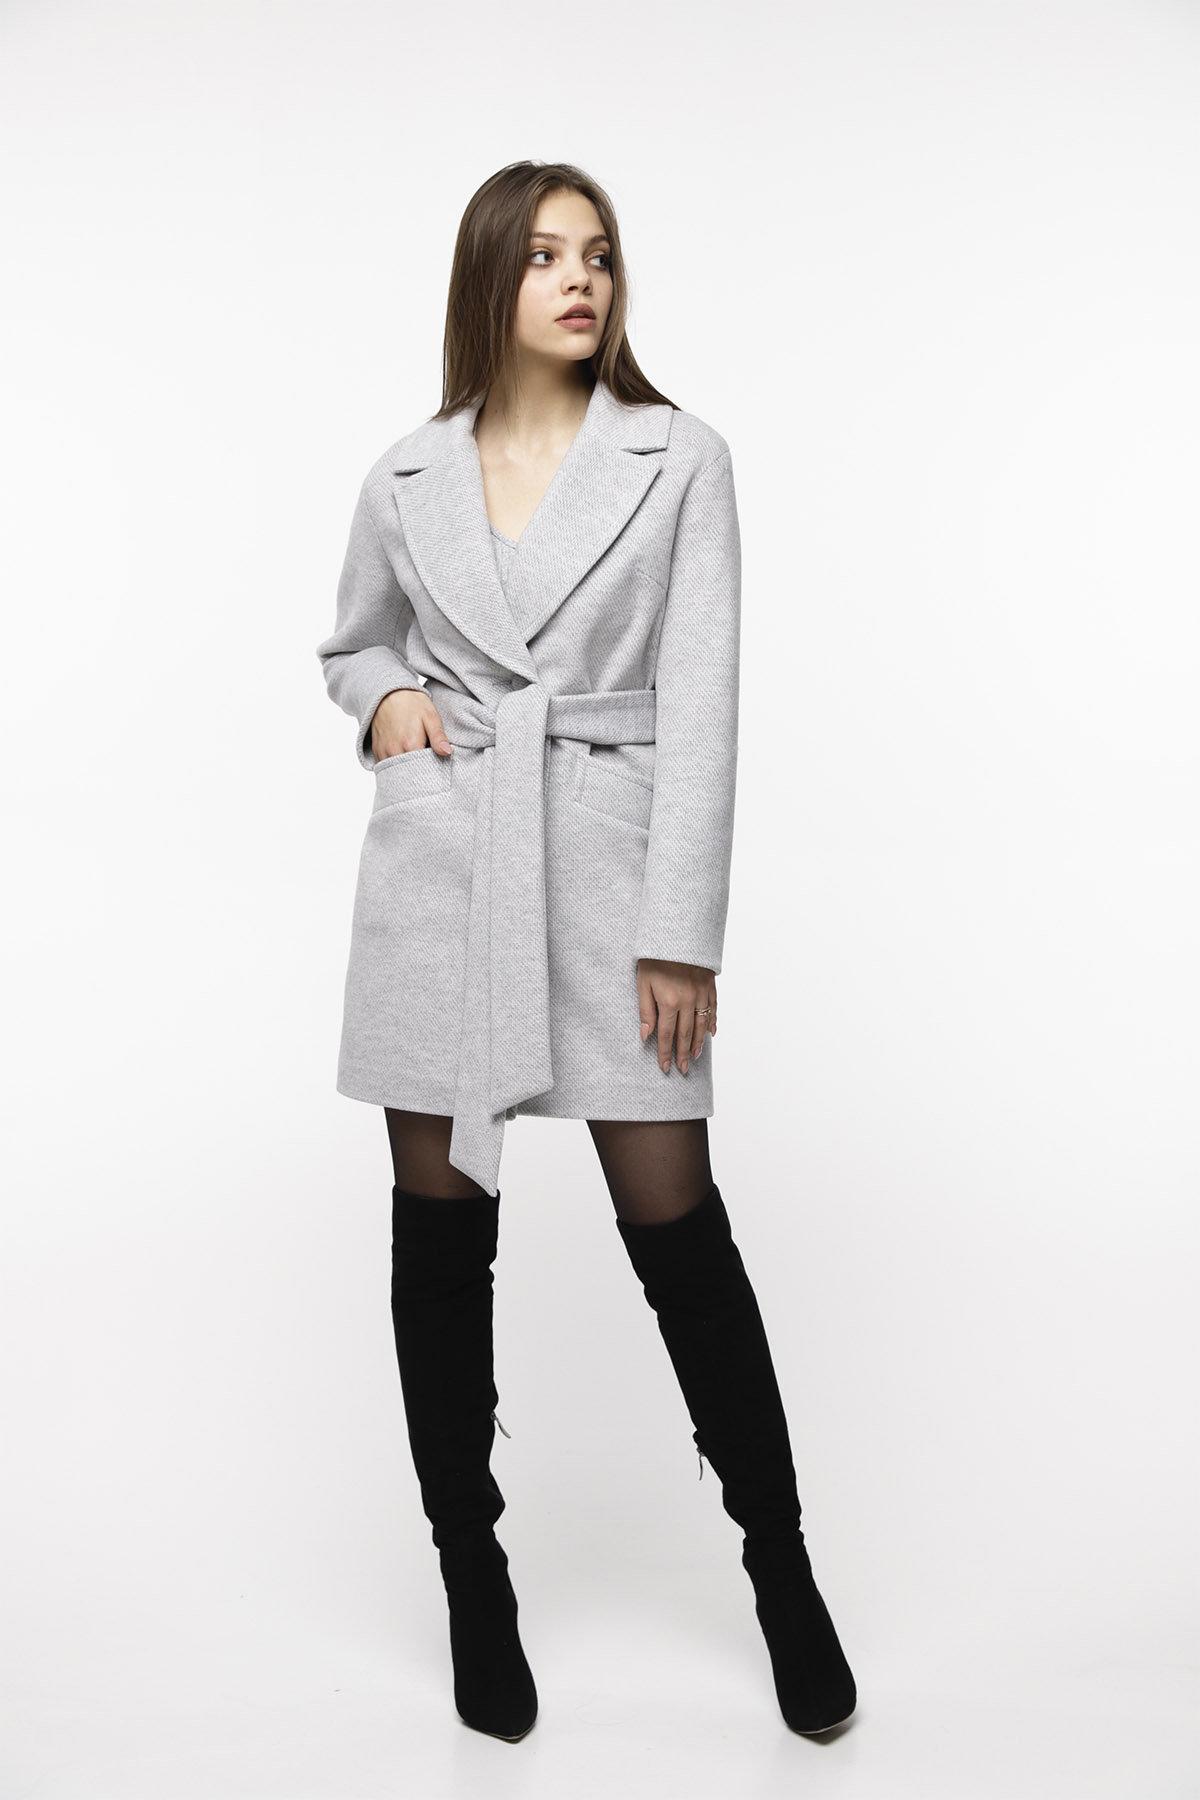 Купить пальто женское демисезонное от Modus Кашемировое пальто Вейсона 8803